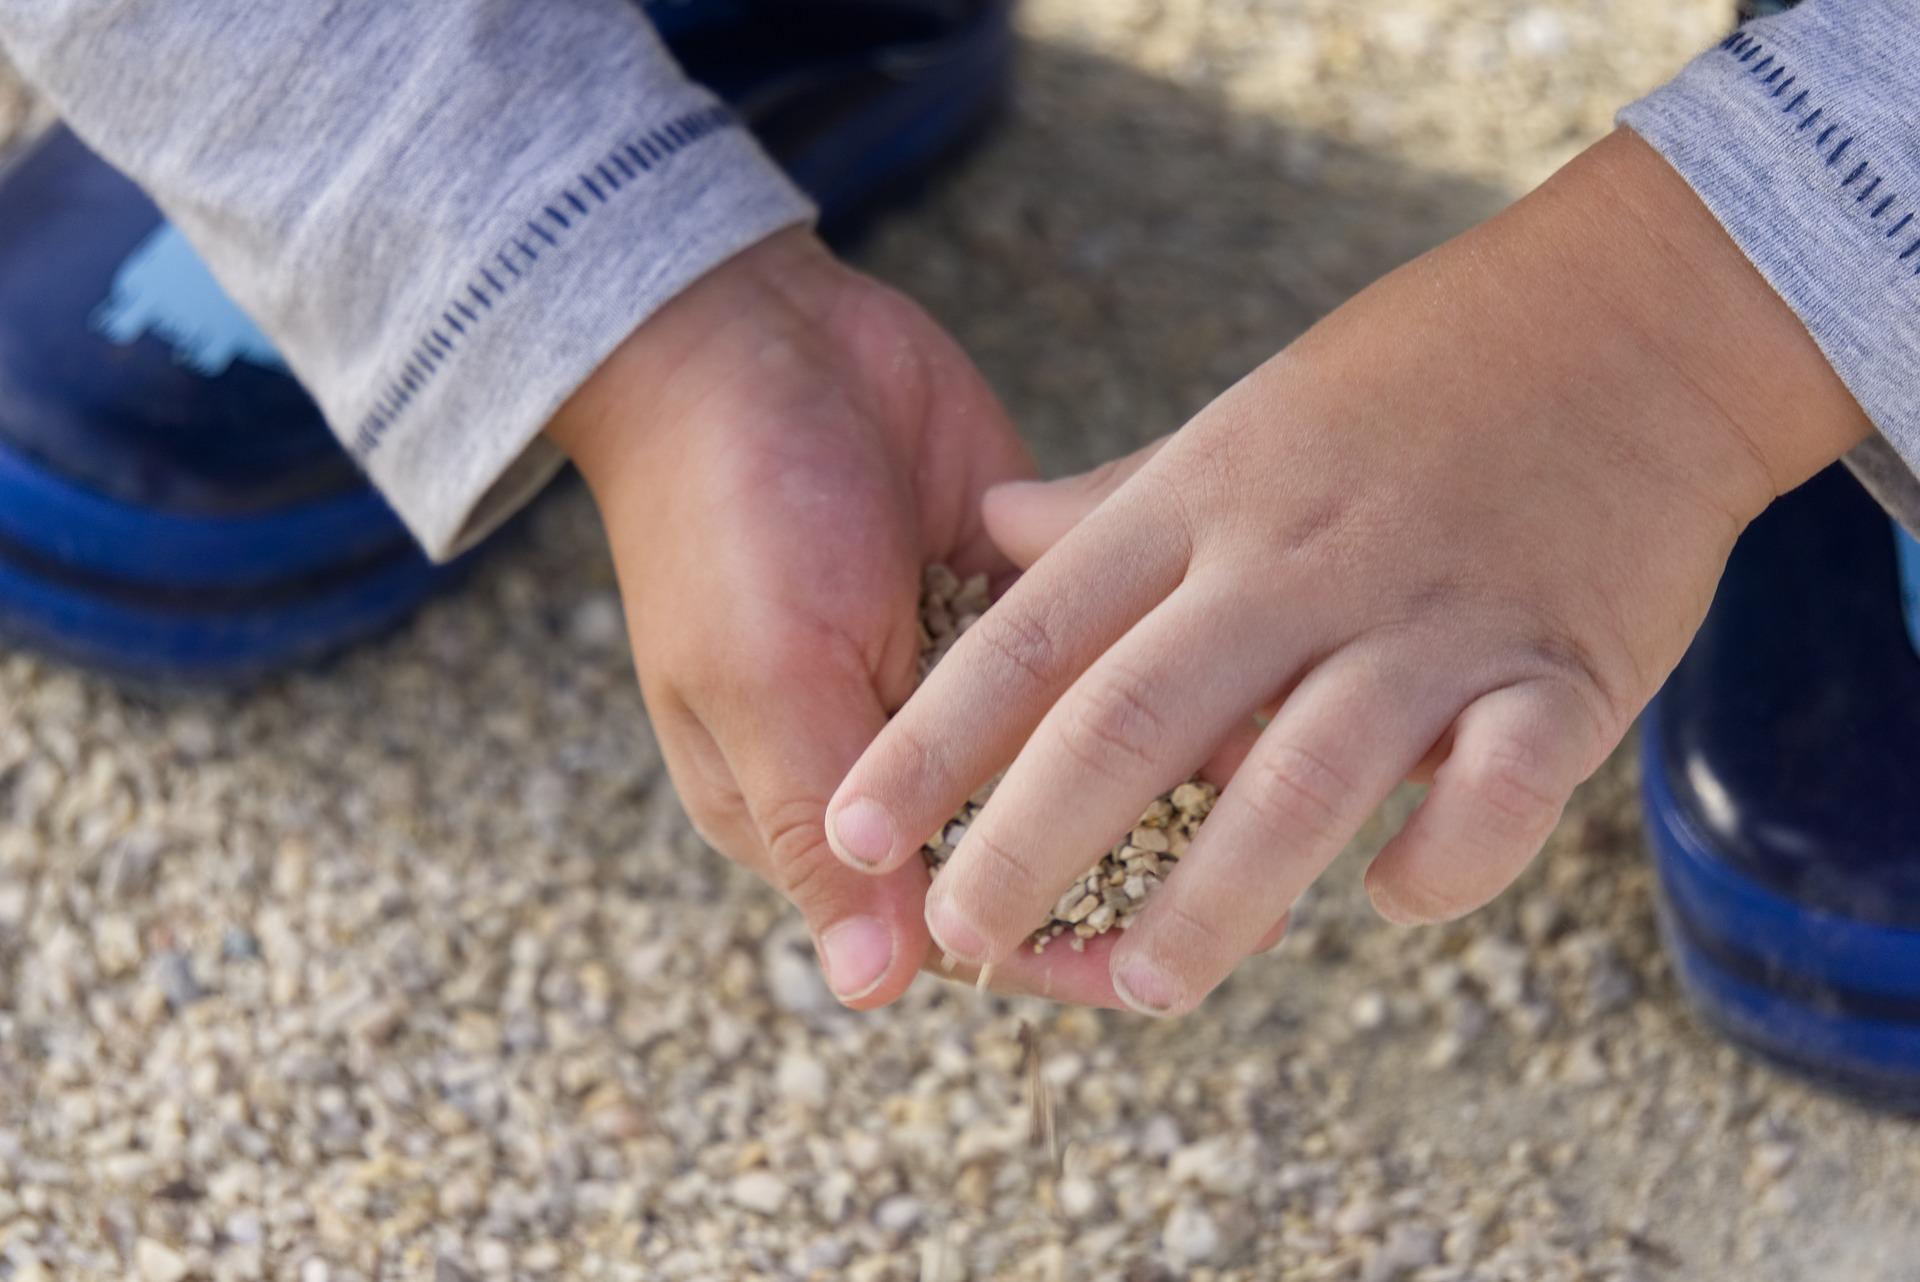 Prévoyez un petit pot de sable et de minis cailloux,les enfants en raffolent et c'esrt très utile sur la table de la nature.